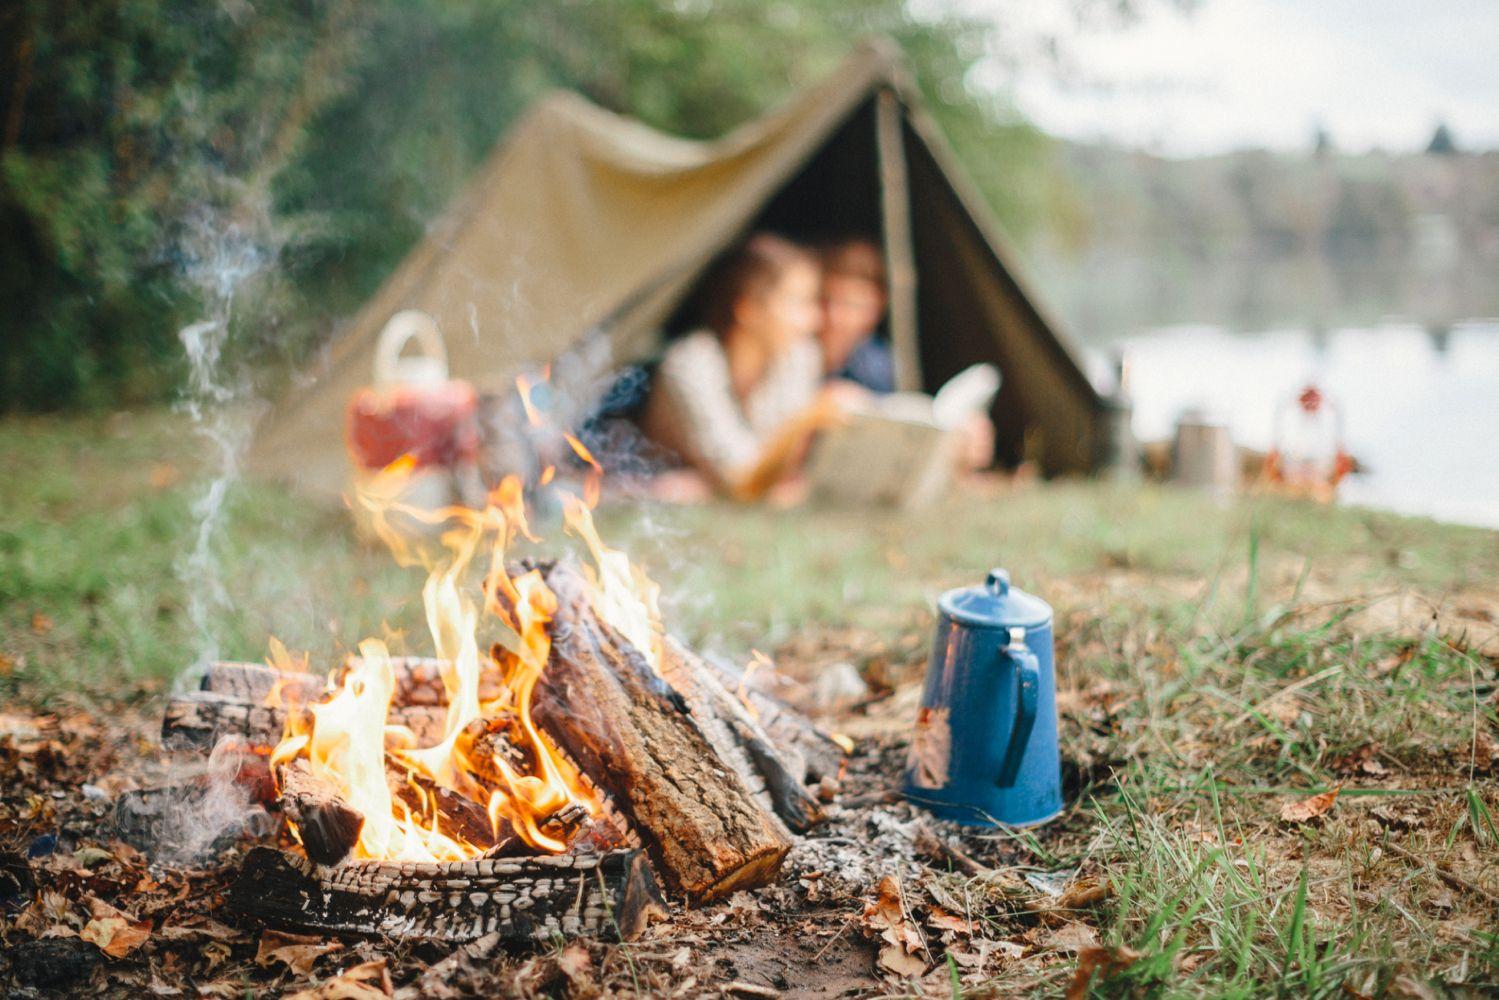 Шашлыки в лесу картинка для детей